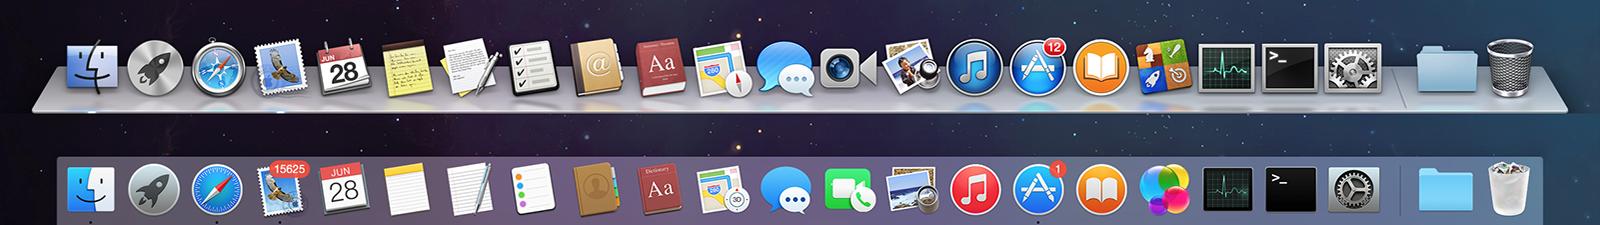 Mac-typing-tricks